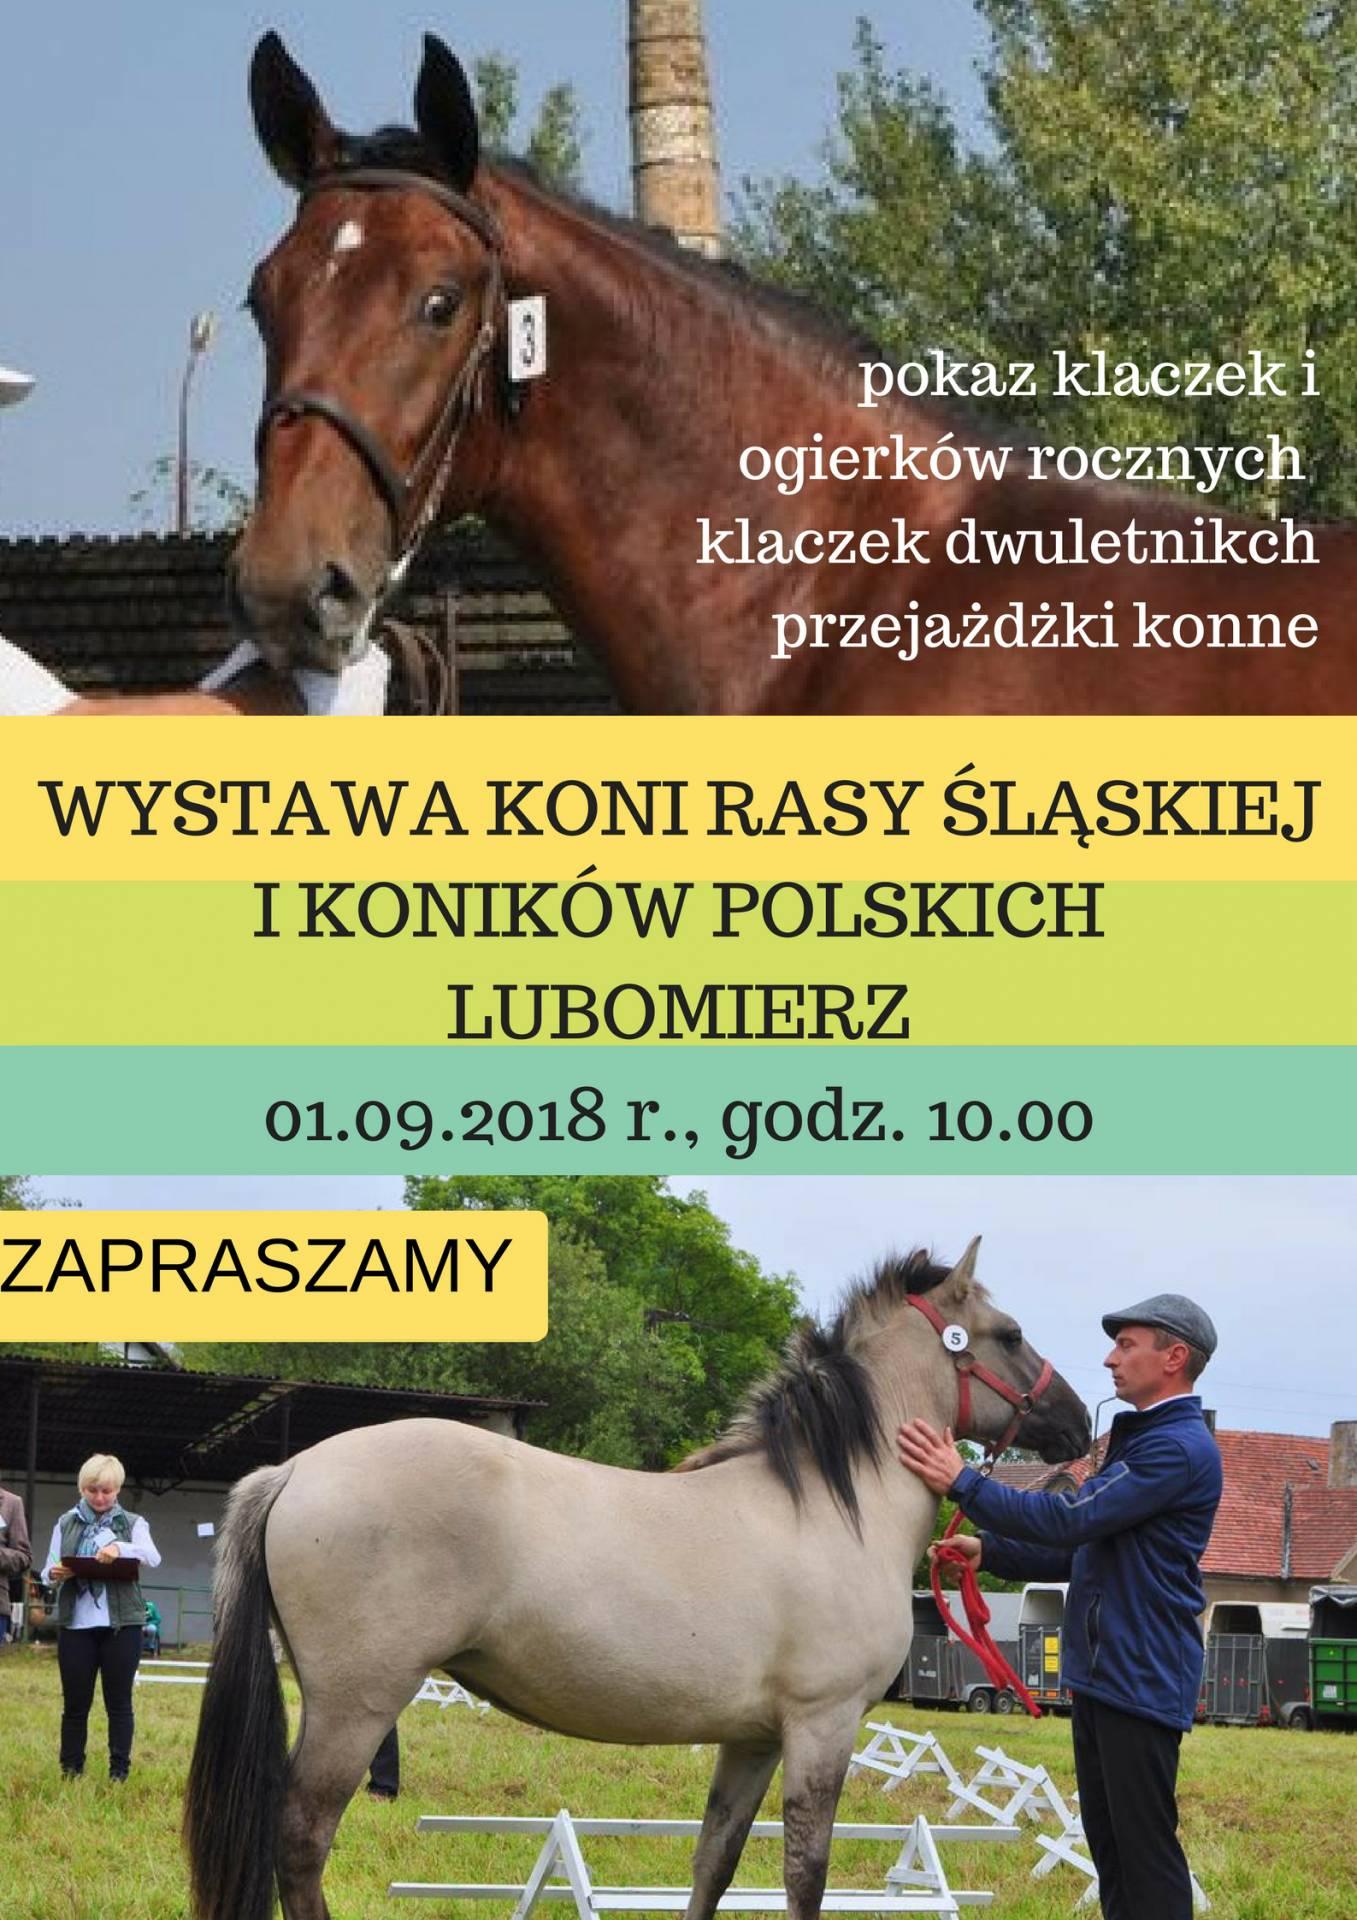 Wystawa Hodowlana Młodzieży rasy śląskiej i konik polski 1.09.2018 Lubomierz -zdj. Anna Majer